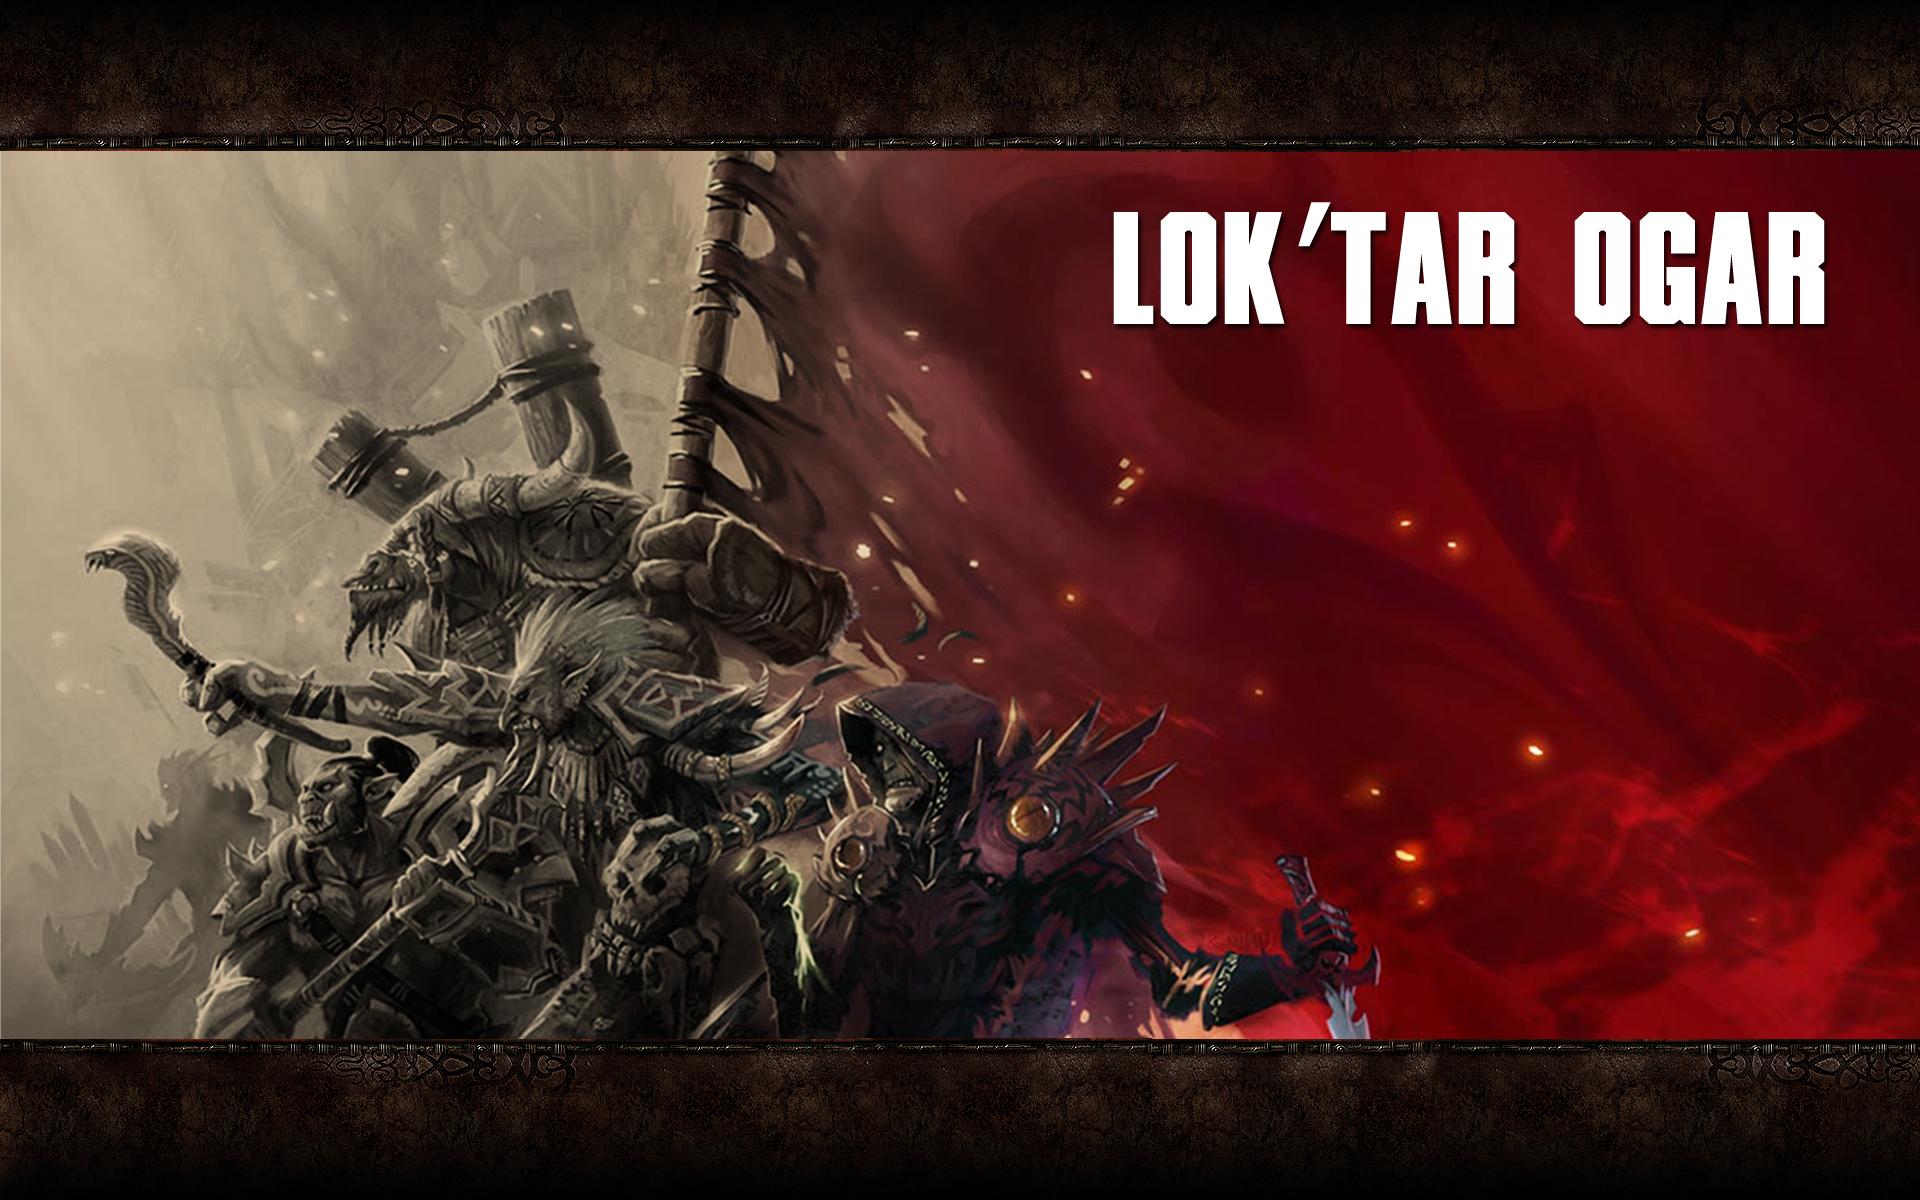 World Of Warcraft Undead Tauren Horde Orcs Trolls Free